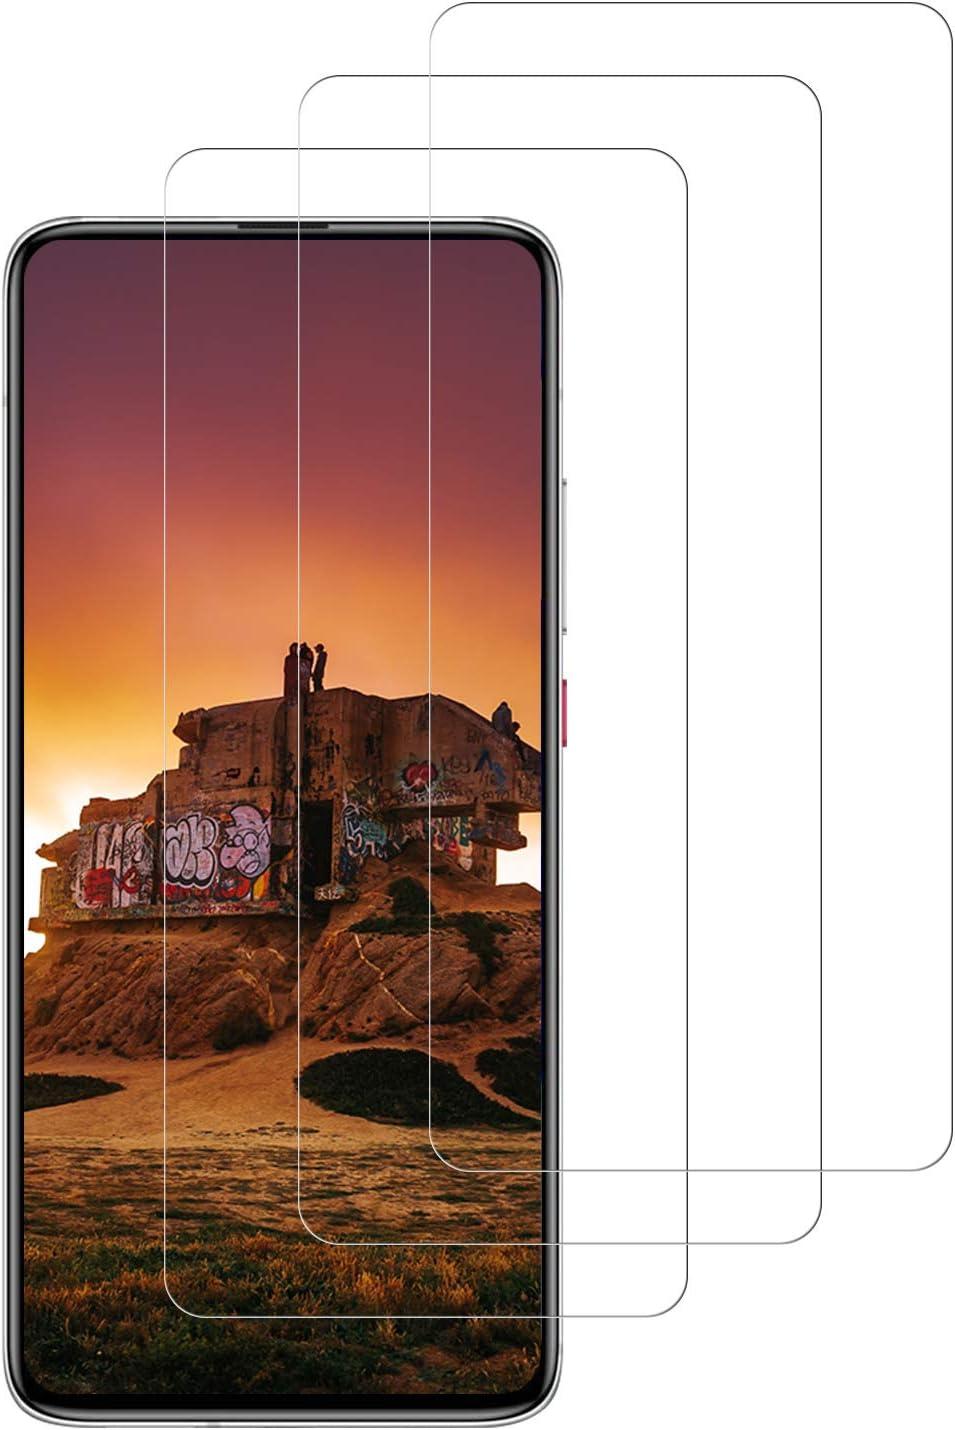 DASFOND 3 Piezas Protector Pantalla de Xiaomi Pocophone F2 Pro Cristal Templado [9H Dureza,Sin Burbujas,Alta sensibilidad y Definicion] Vidrio Templado/Protector de Pantalla Xiaomi Pocophone F2 Pro